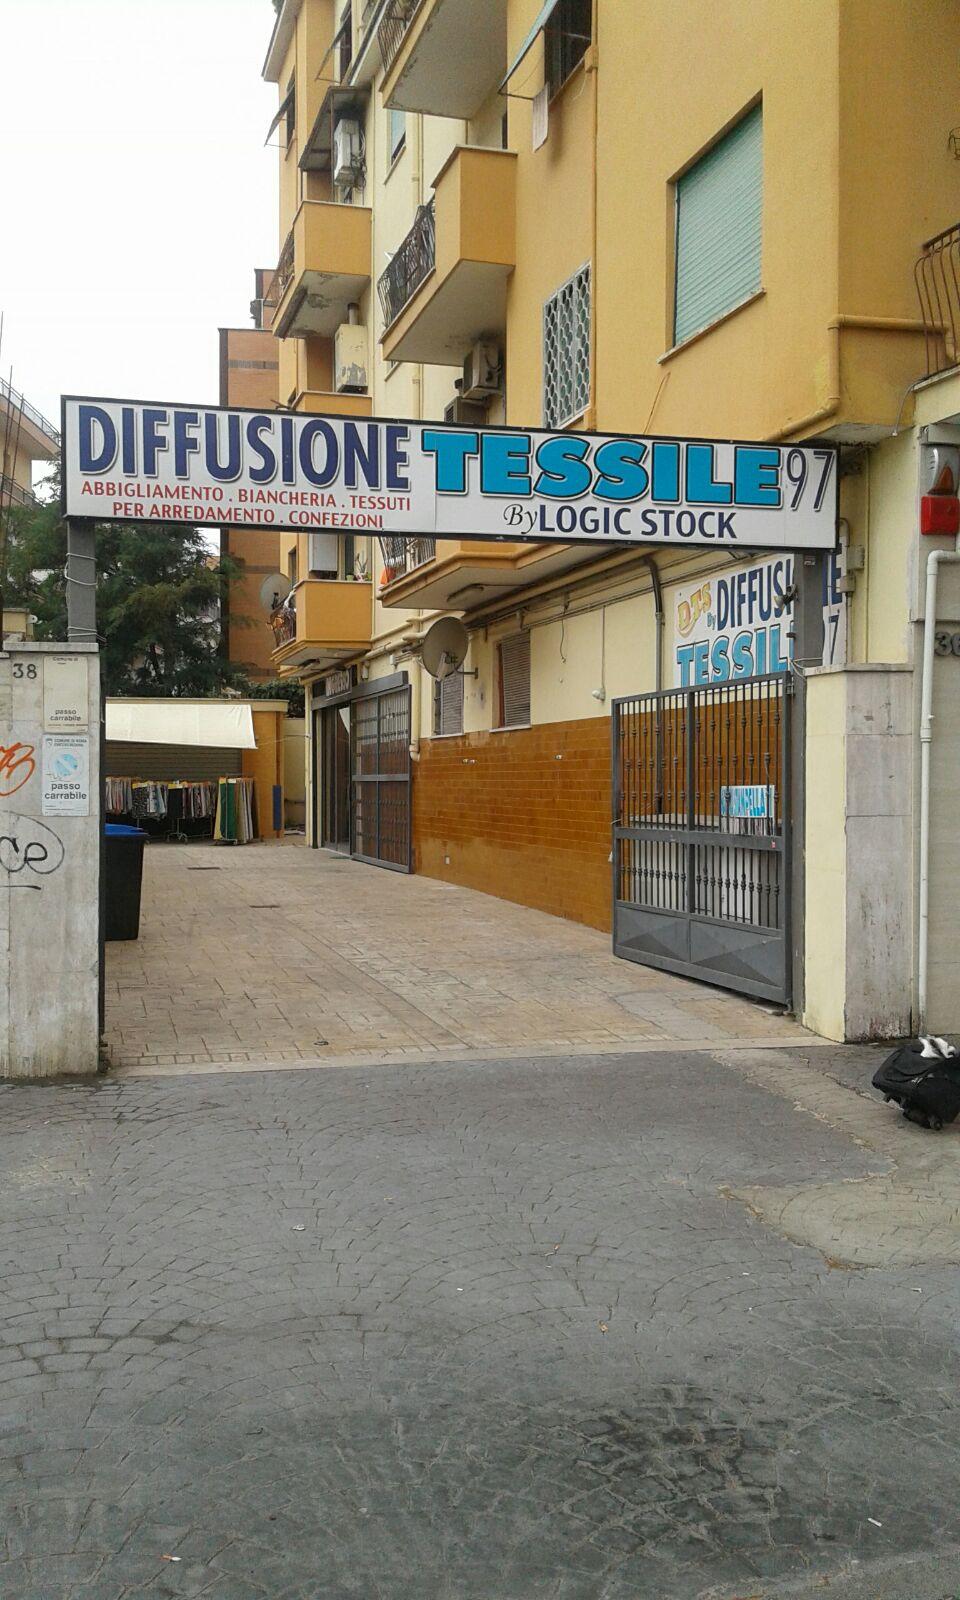 Ostia S Lido Rome Rm Diffusione Tessile 97